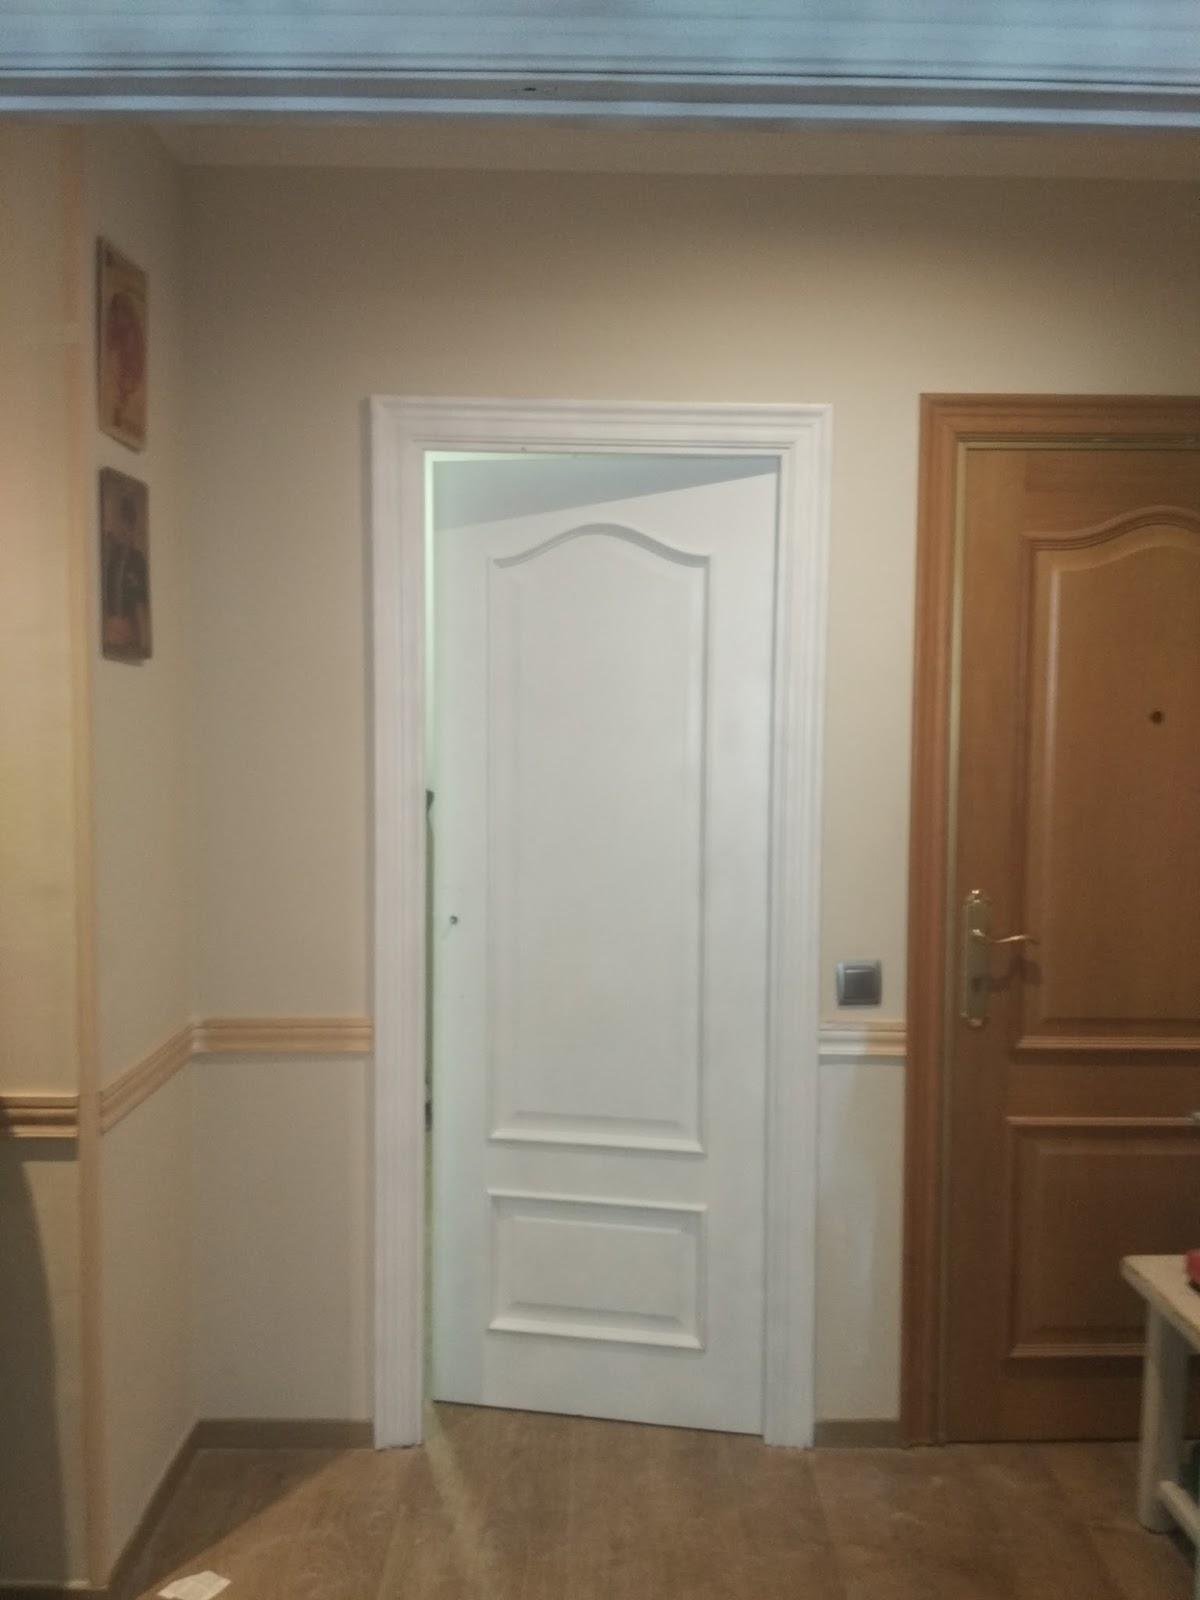 Puertas lacadas en blanco leroy merlin good bueno leroy for Puertas abatibles leroy merlin